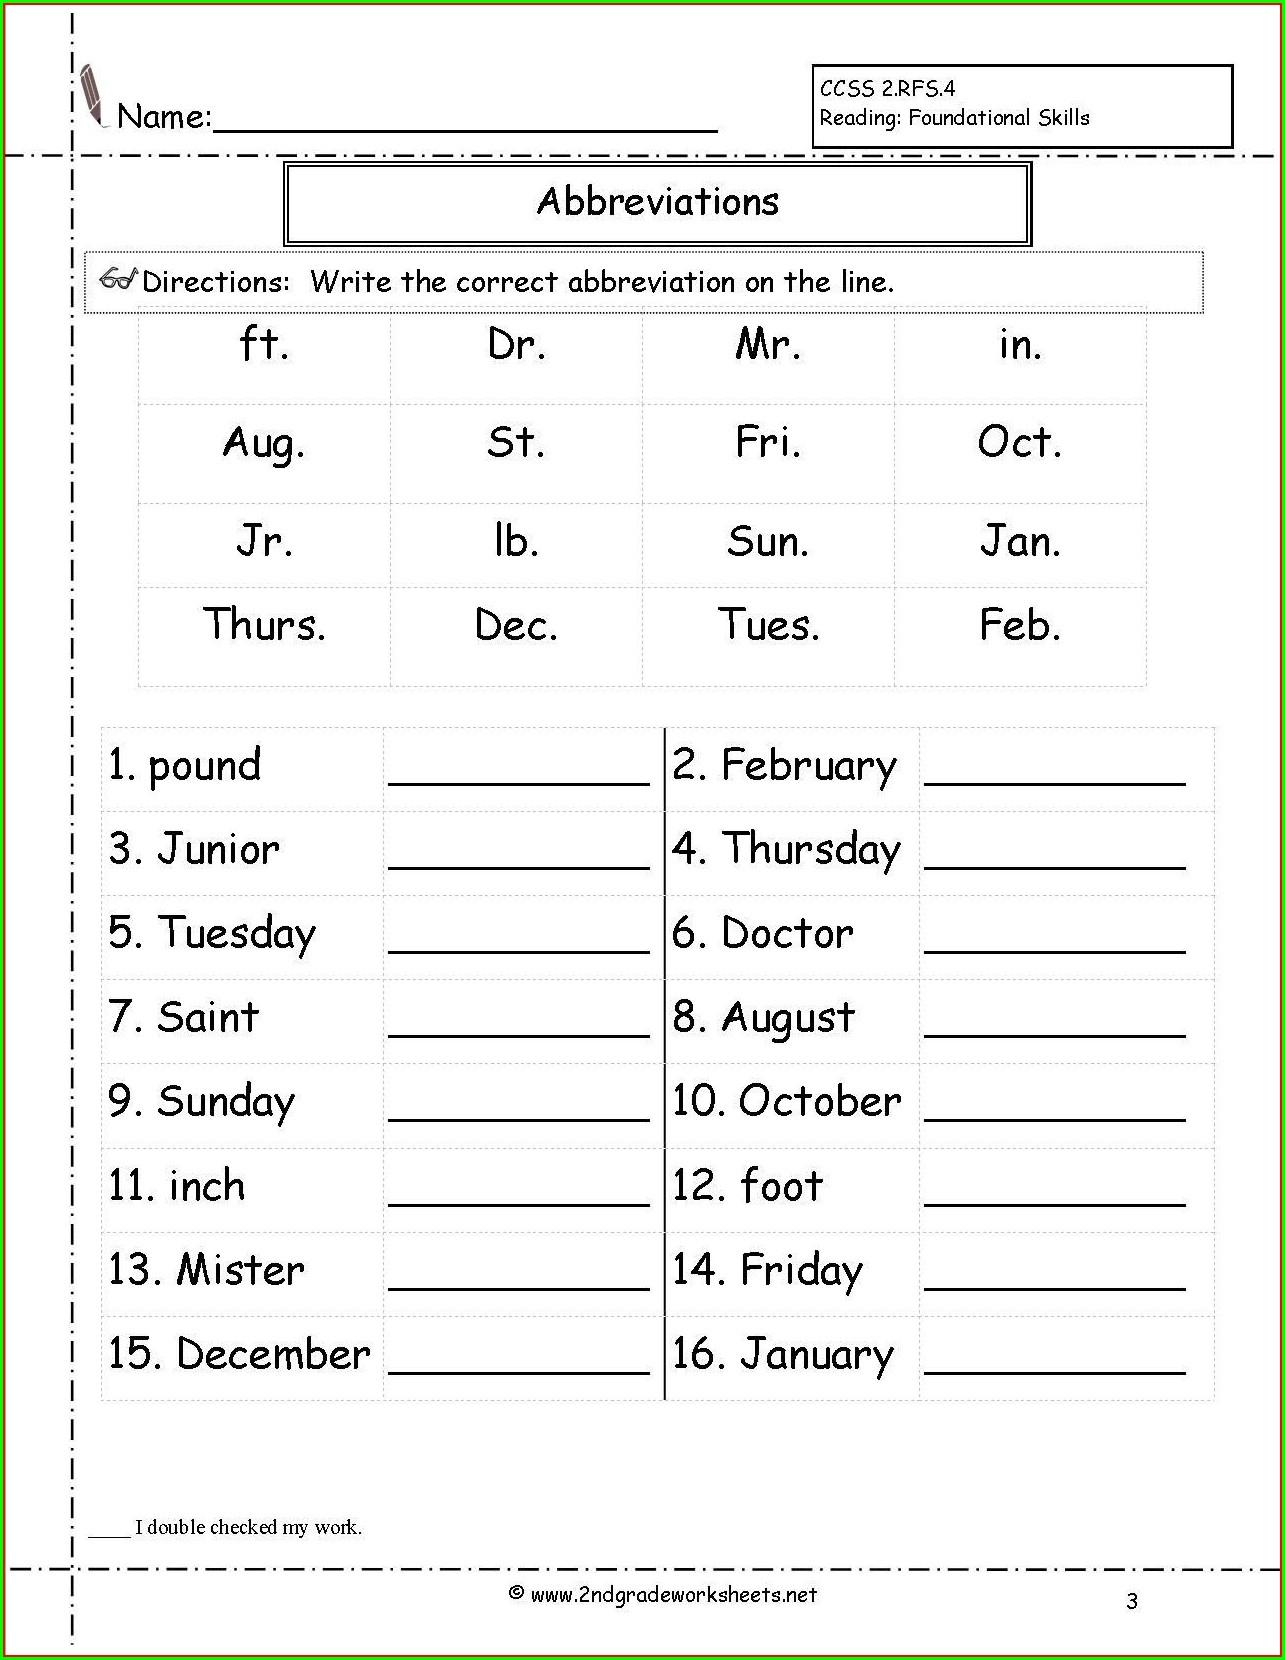 Grammar Free Printable 3rd Grade Worksheets Worksheet